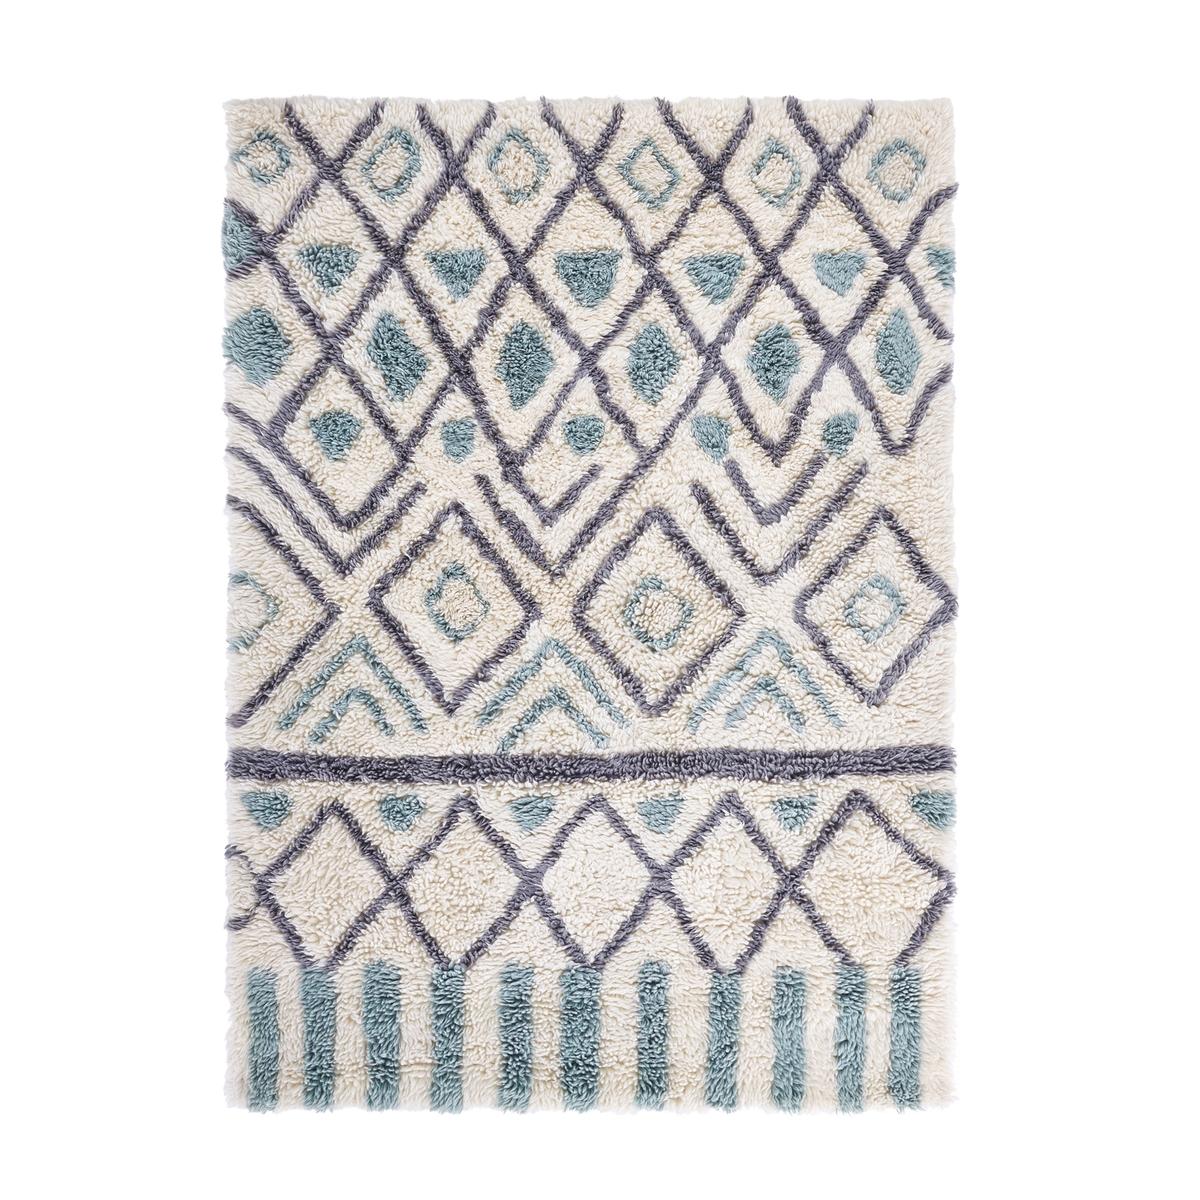 Ковер La Redoute Из шерсти OCRUL 120 x 170 см синий ковер la redoute шерсть в берберском стиле anton 120 x 170 см бежевый